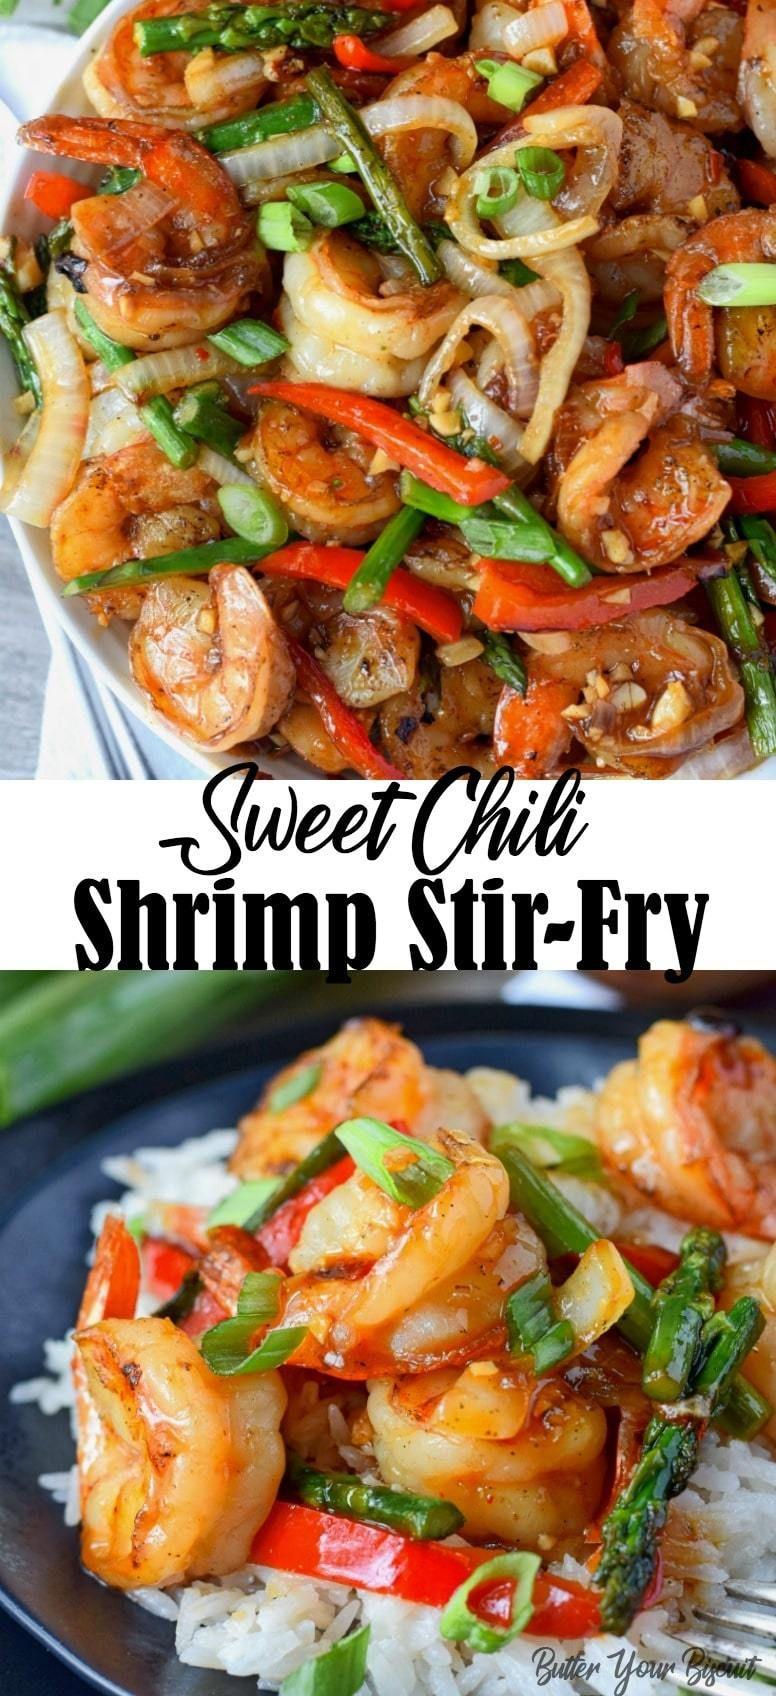 Photo of Sweet Chili Shrimp Stir Fry